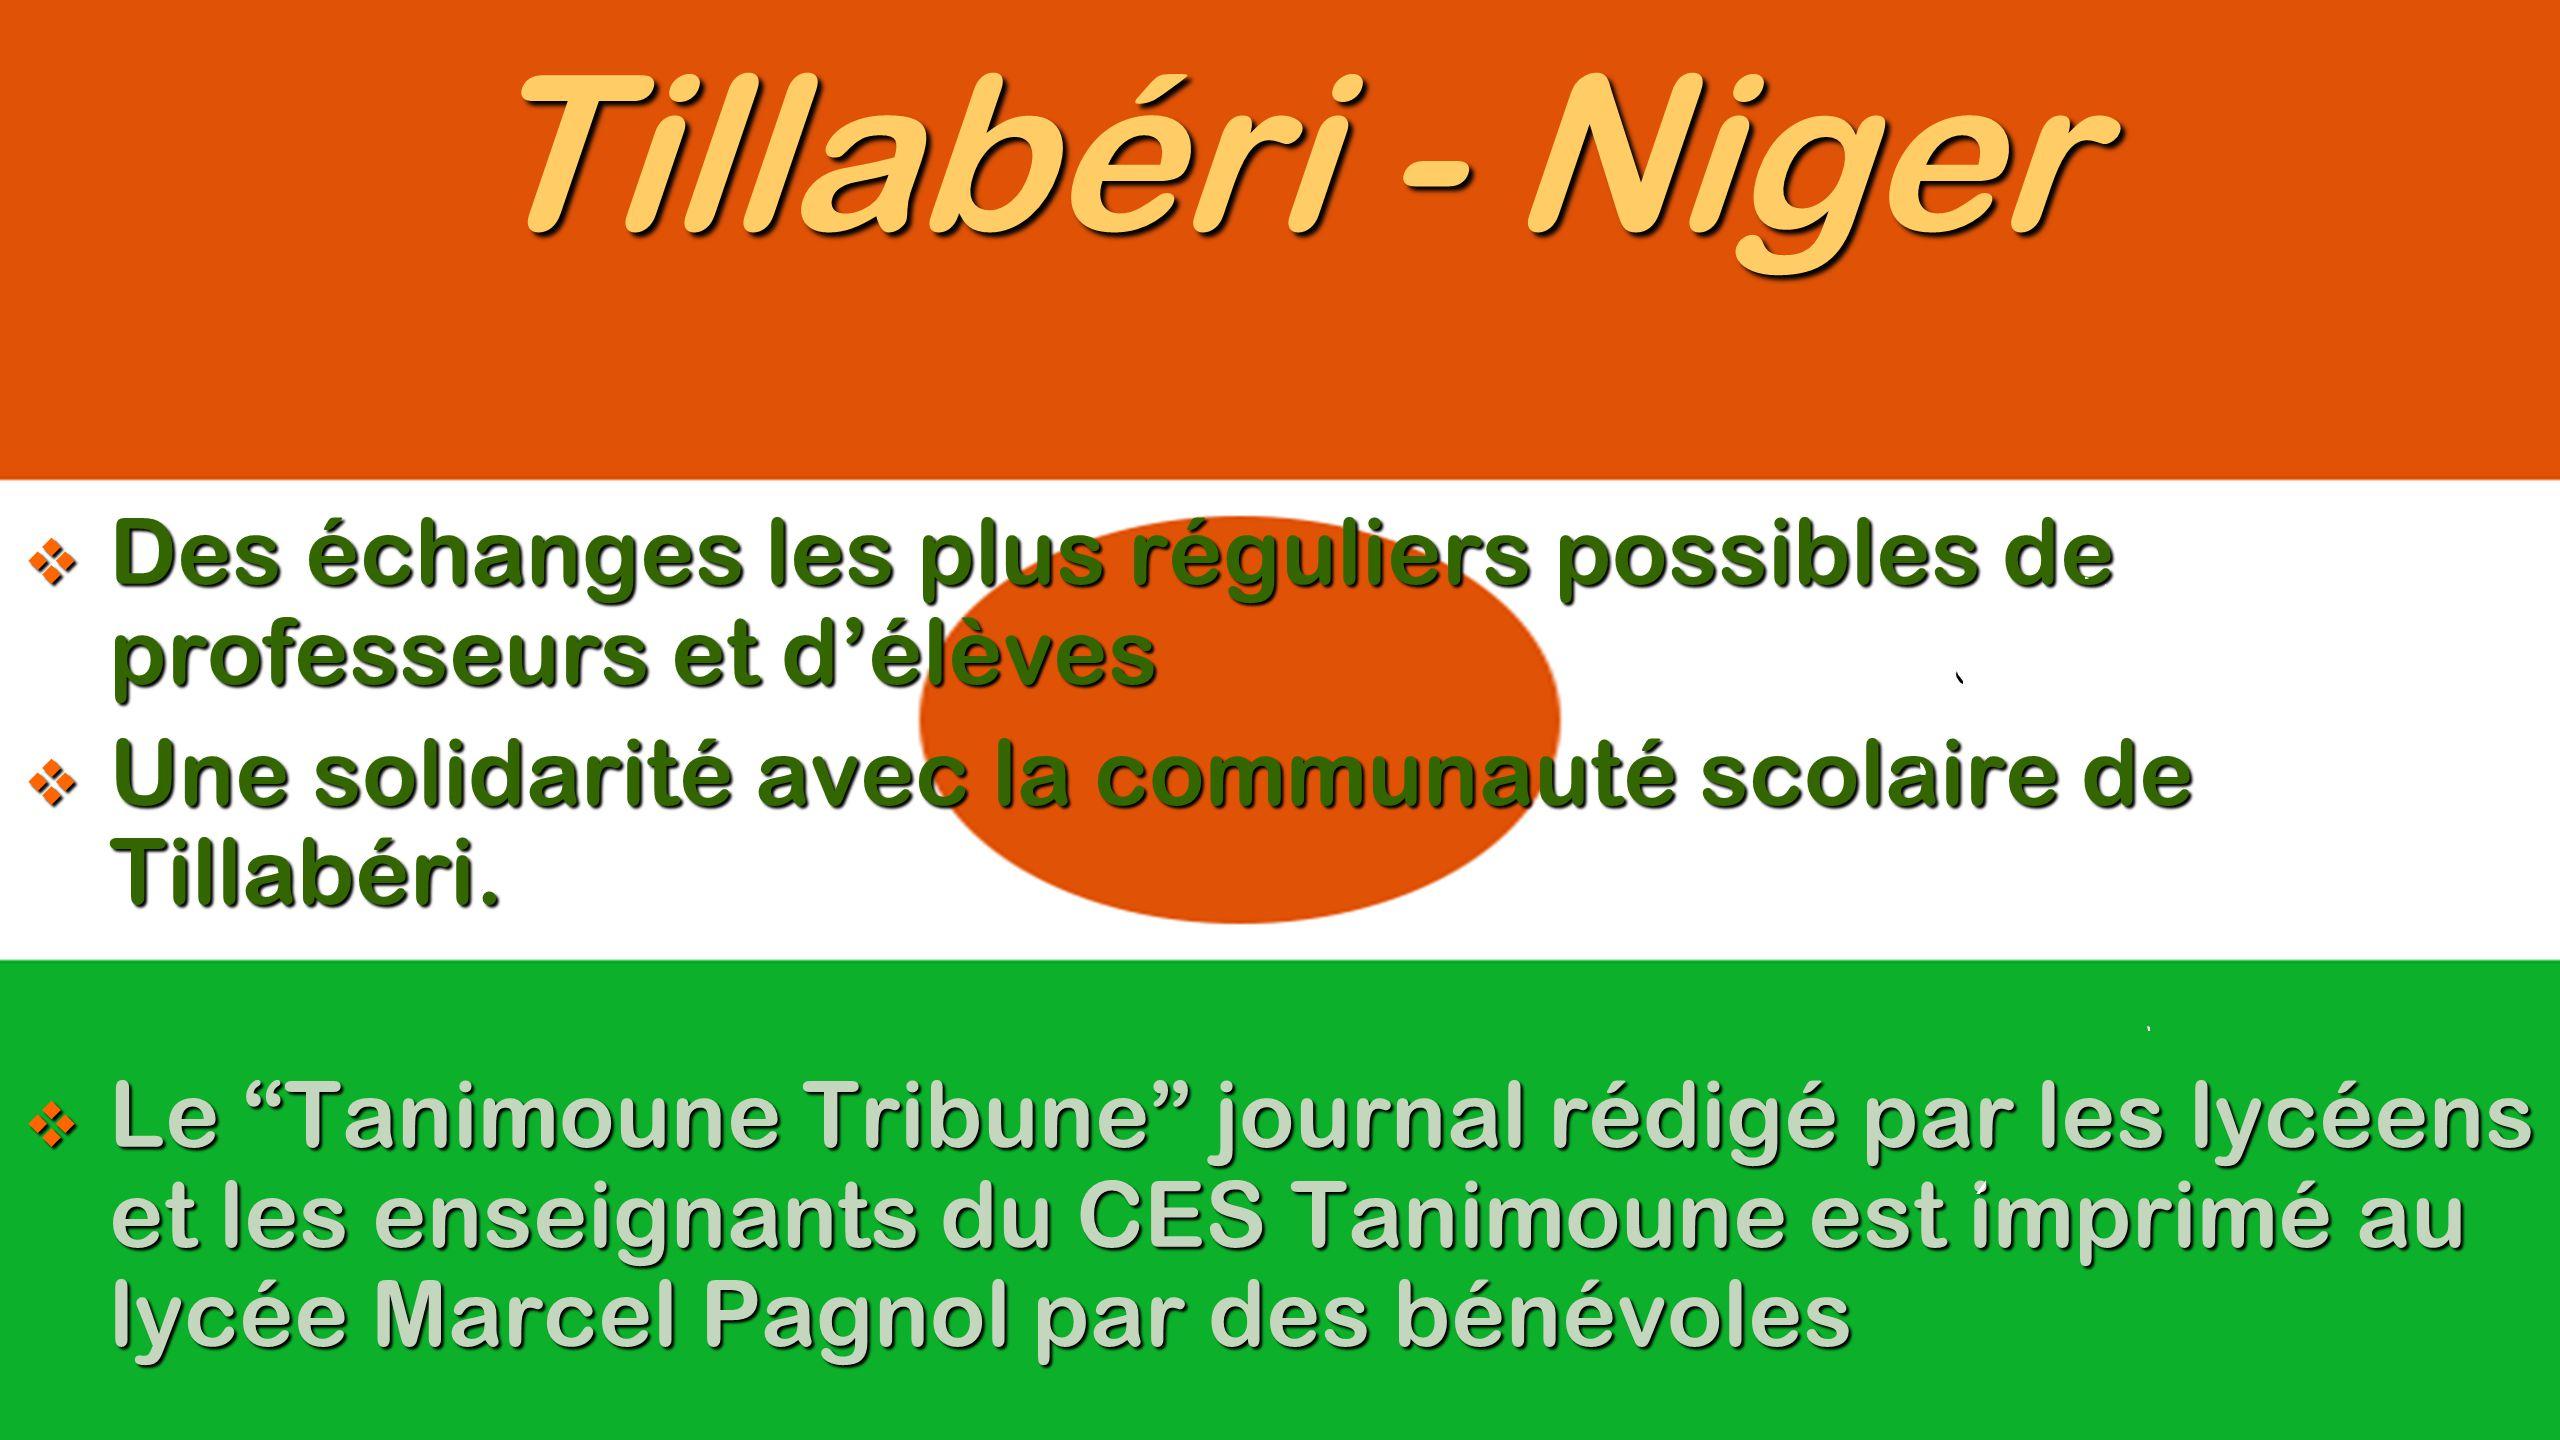 Tillabéri - Niger  Des échanges les plus réguliers possibles de professeurs et d'élèves  Une solidarité avec la communauté scolaire de Tillabéri. 